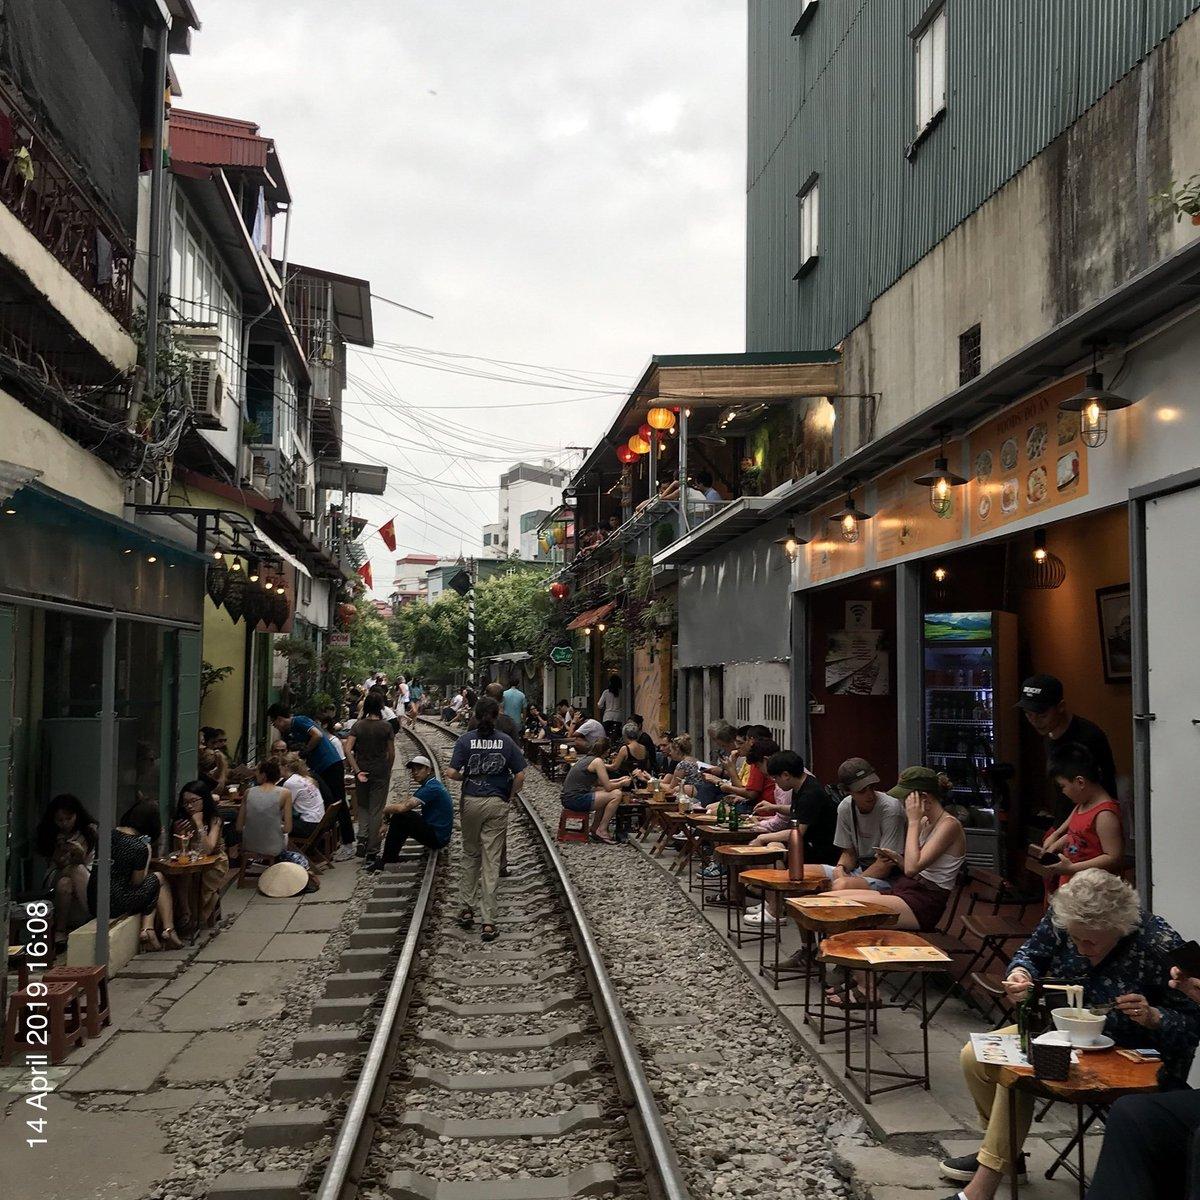 Rail-to-trail Hanoi style